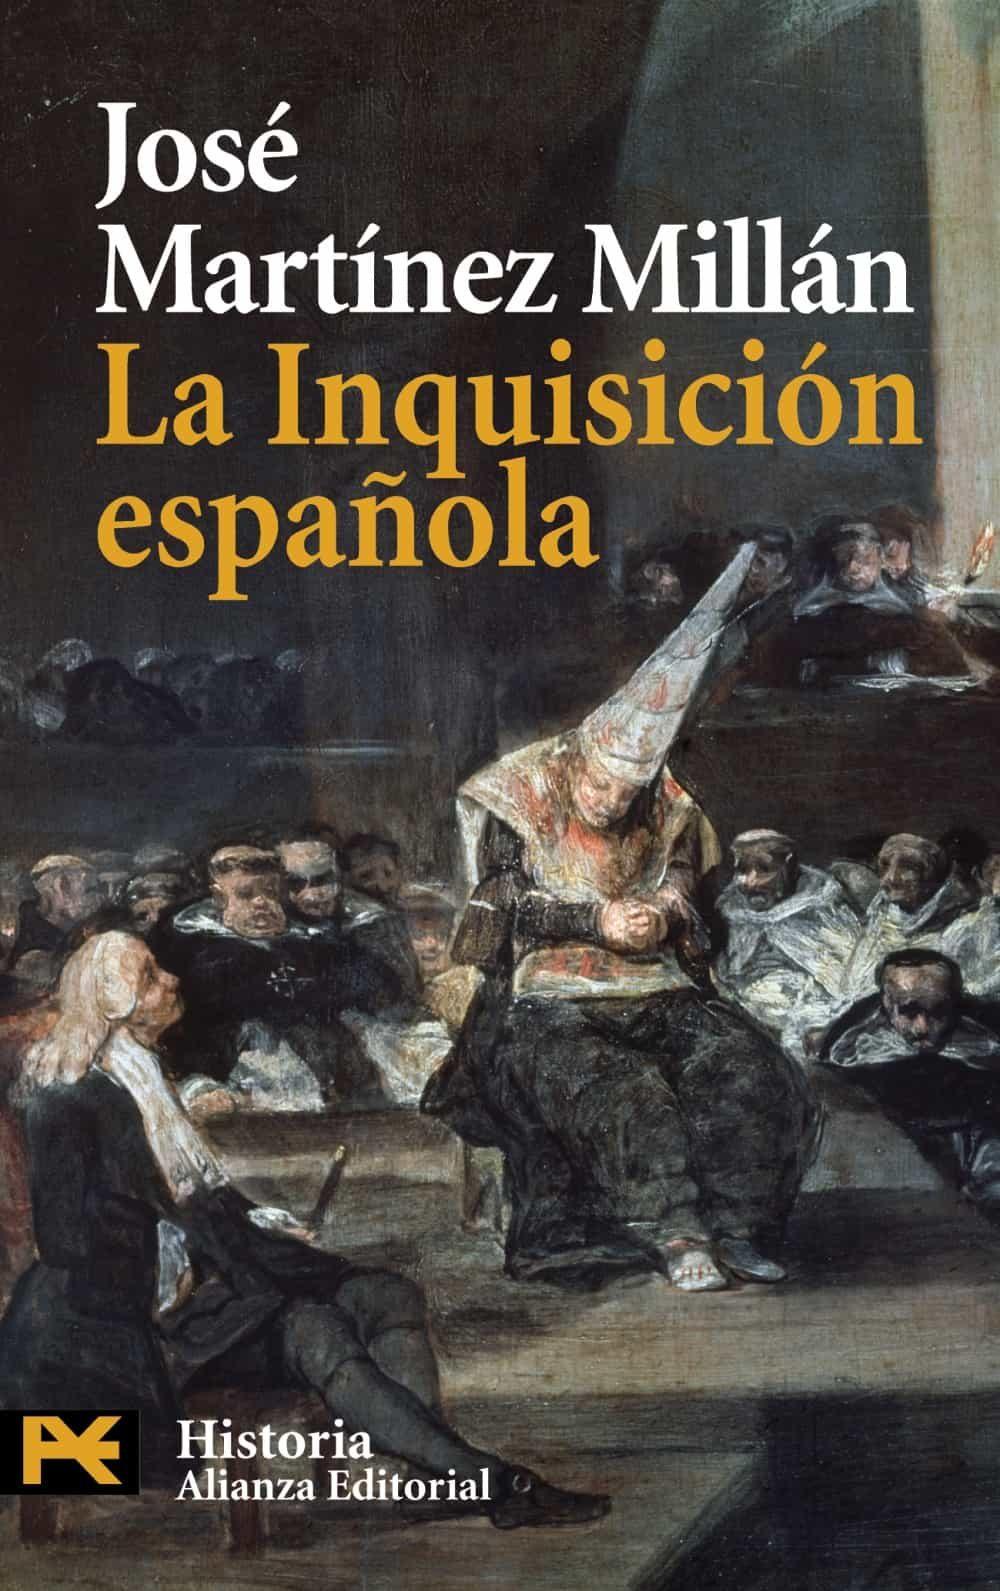 La Inquisicion Española por Jose Martinez Millan